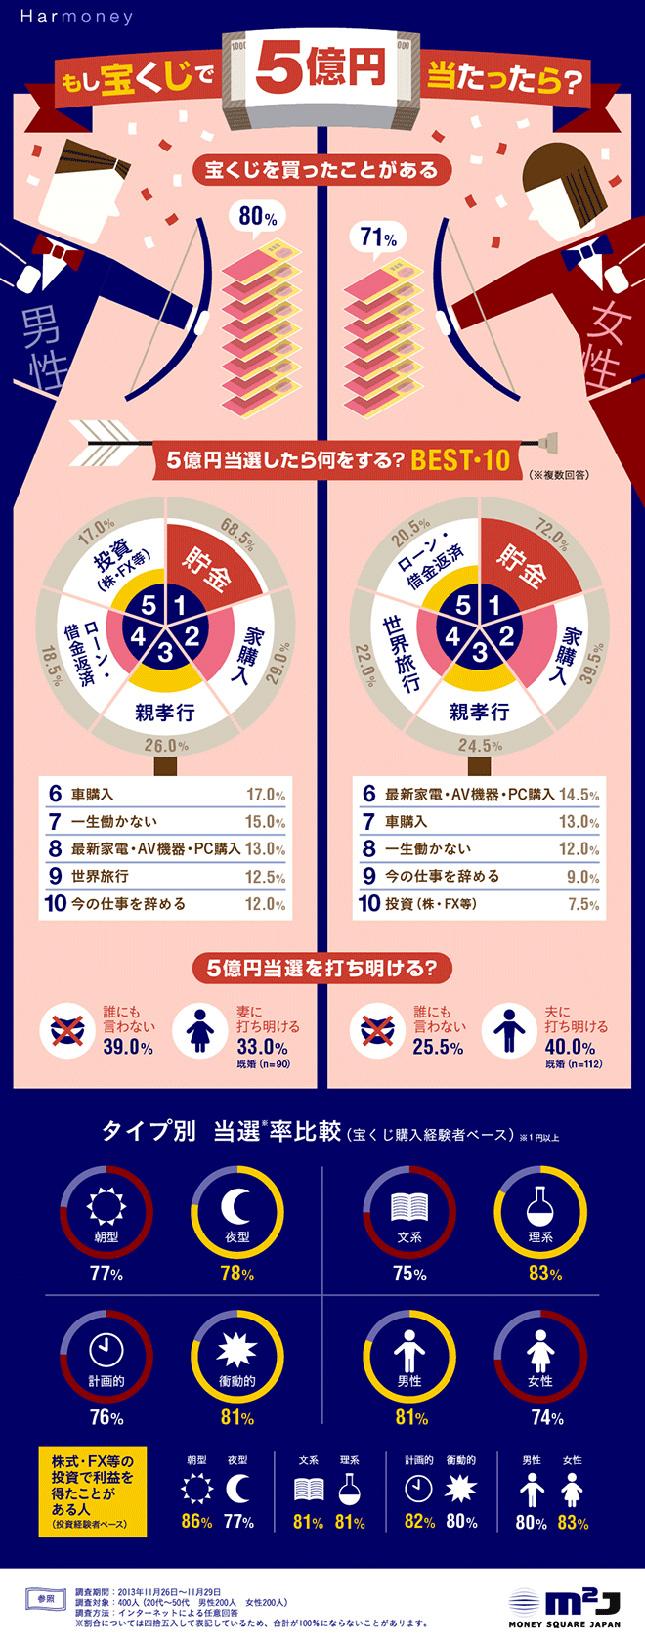 インフォグラフィック:宝くじ当選者に共通キーワード。「男性・夜型・理系」が当たる